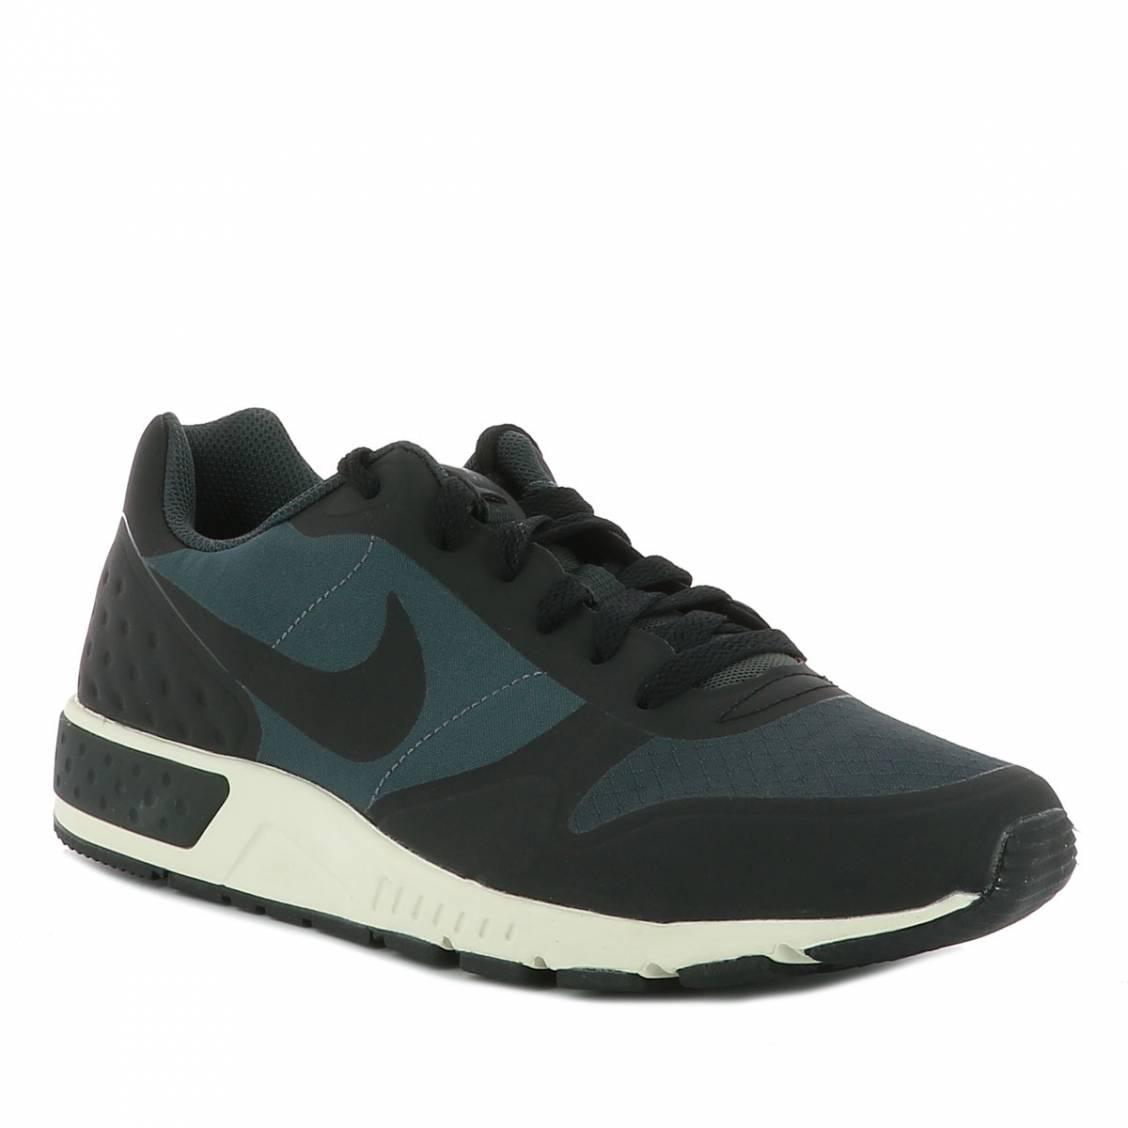 grand choix de fc012 65ec8 Baskets Nike Nightgazer noires à détails bleu pétrole | Rue Des Hommes